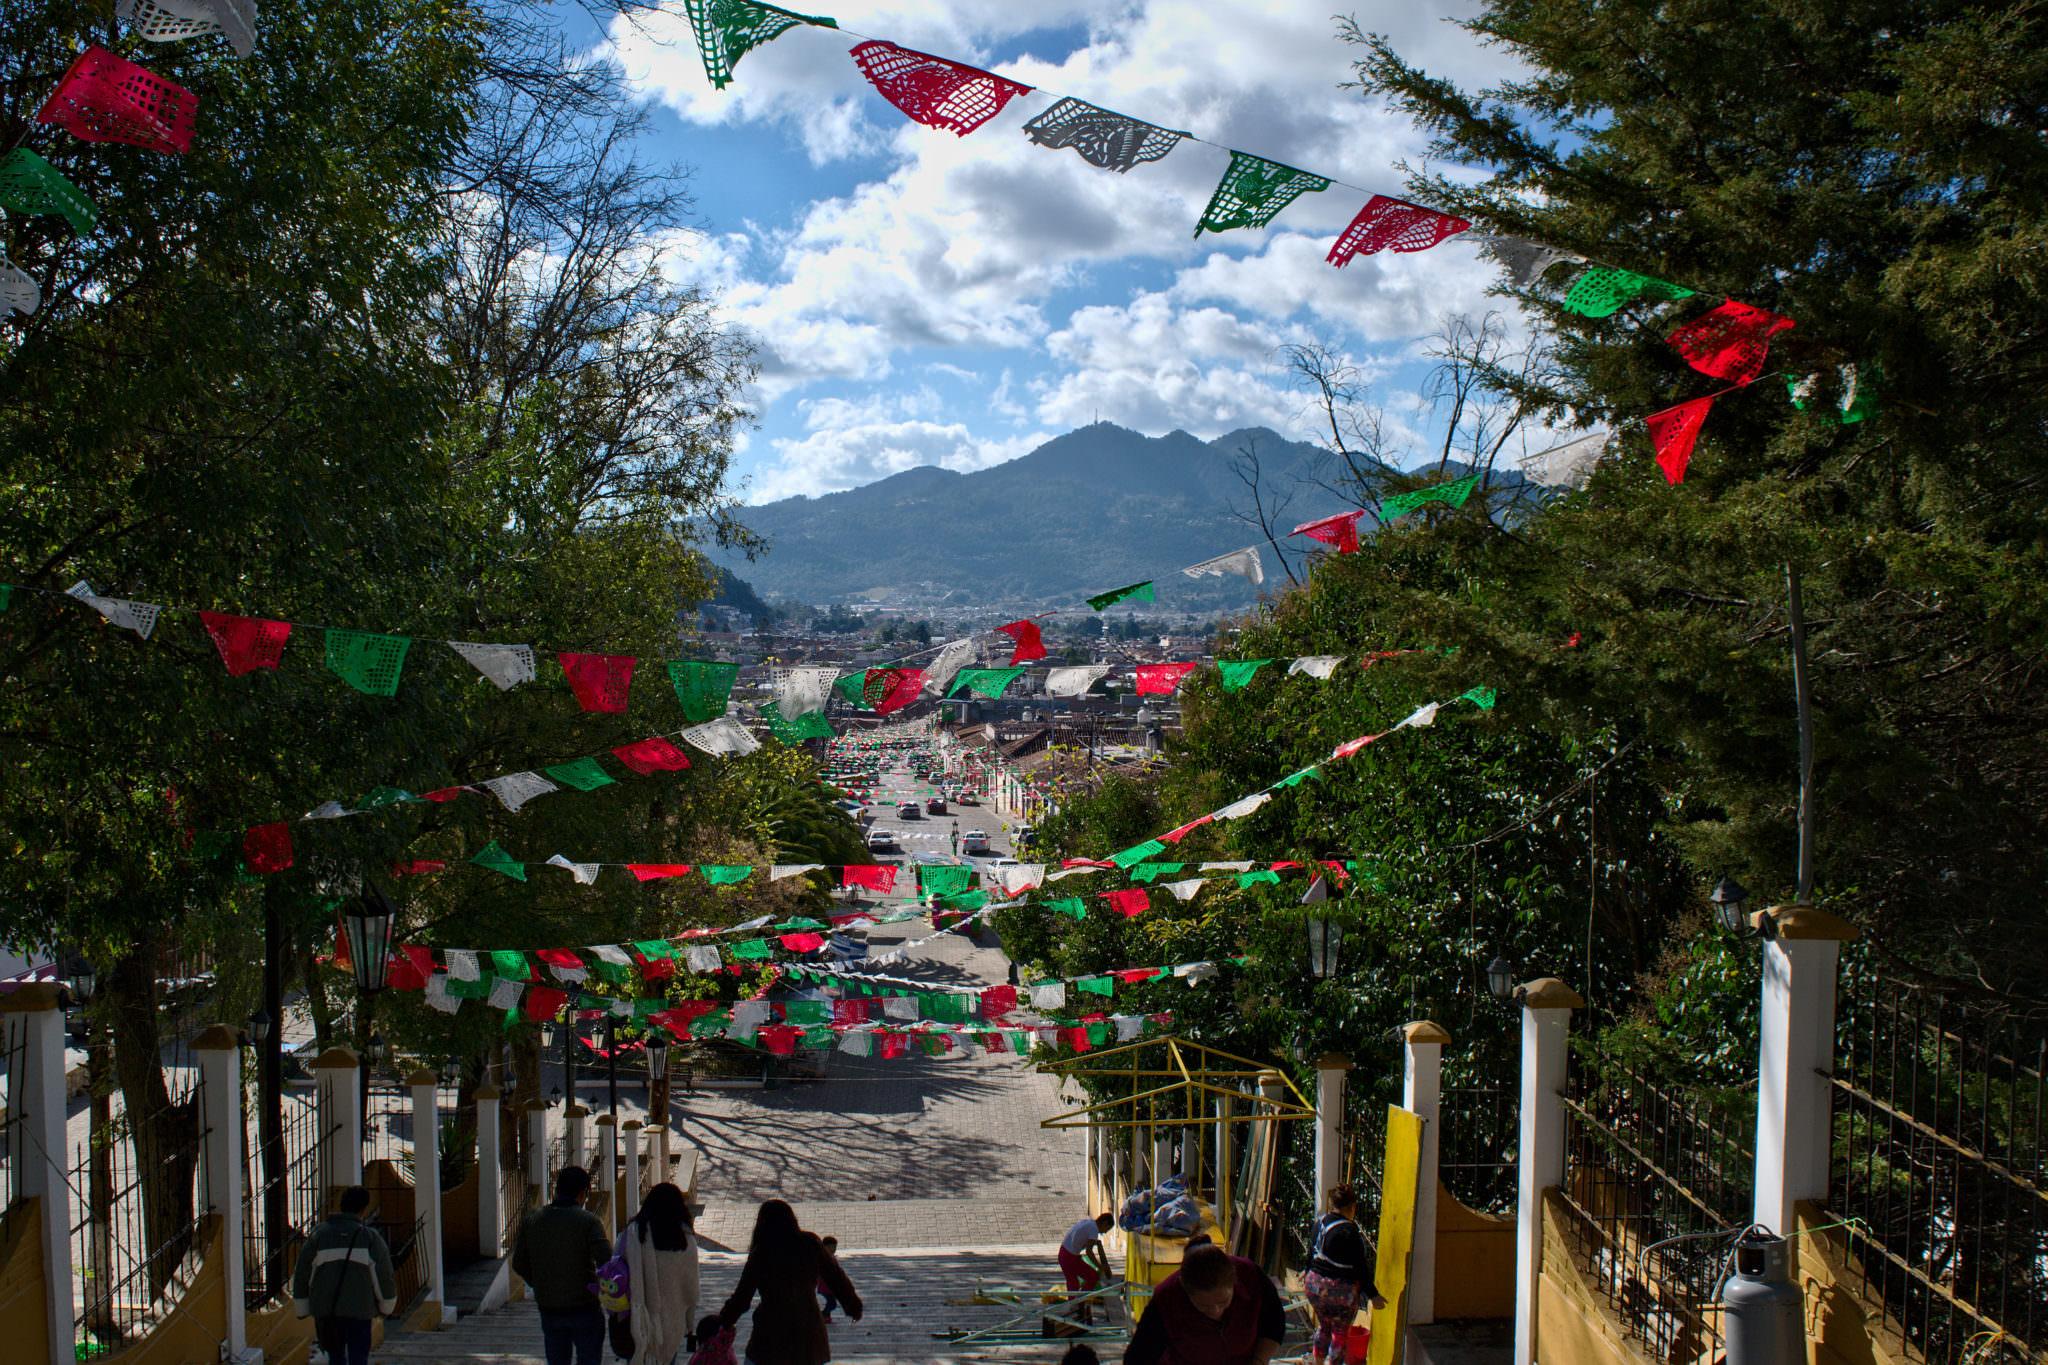 Top 8 Things To Do In San Cristobal De Las Casas Mexico